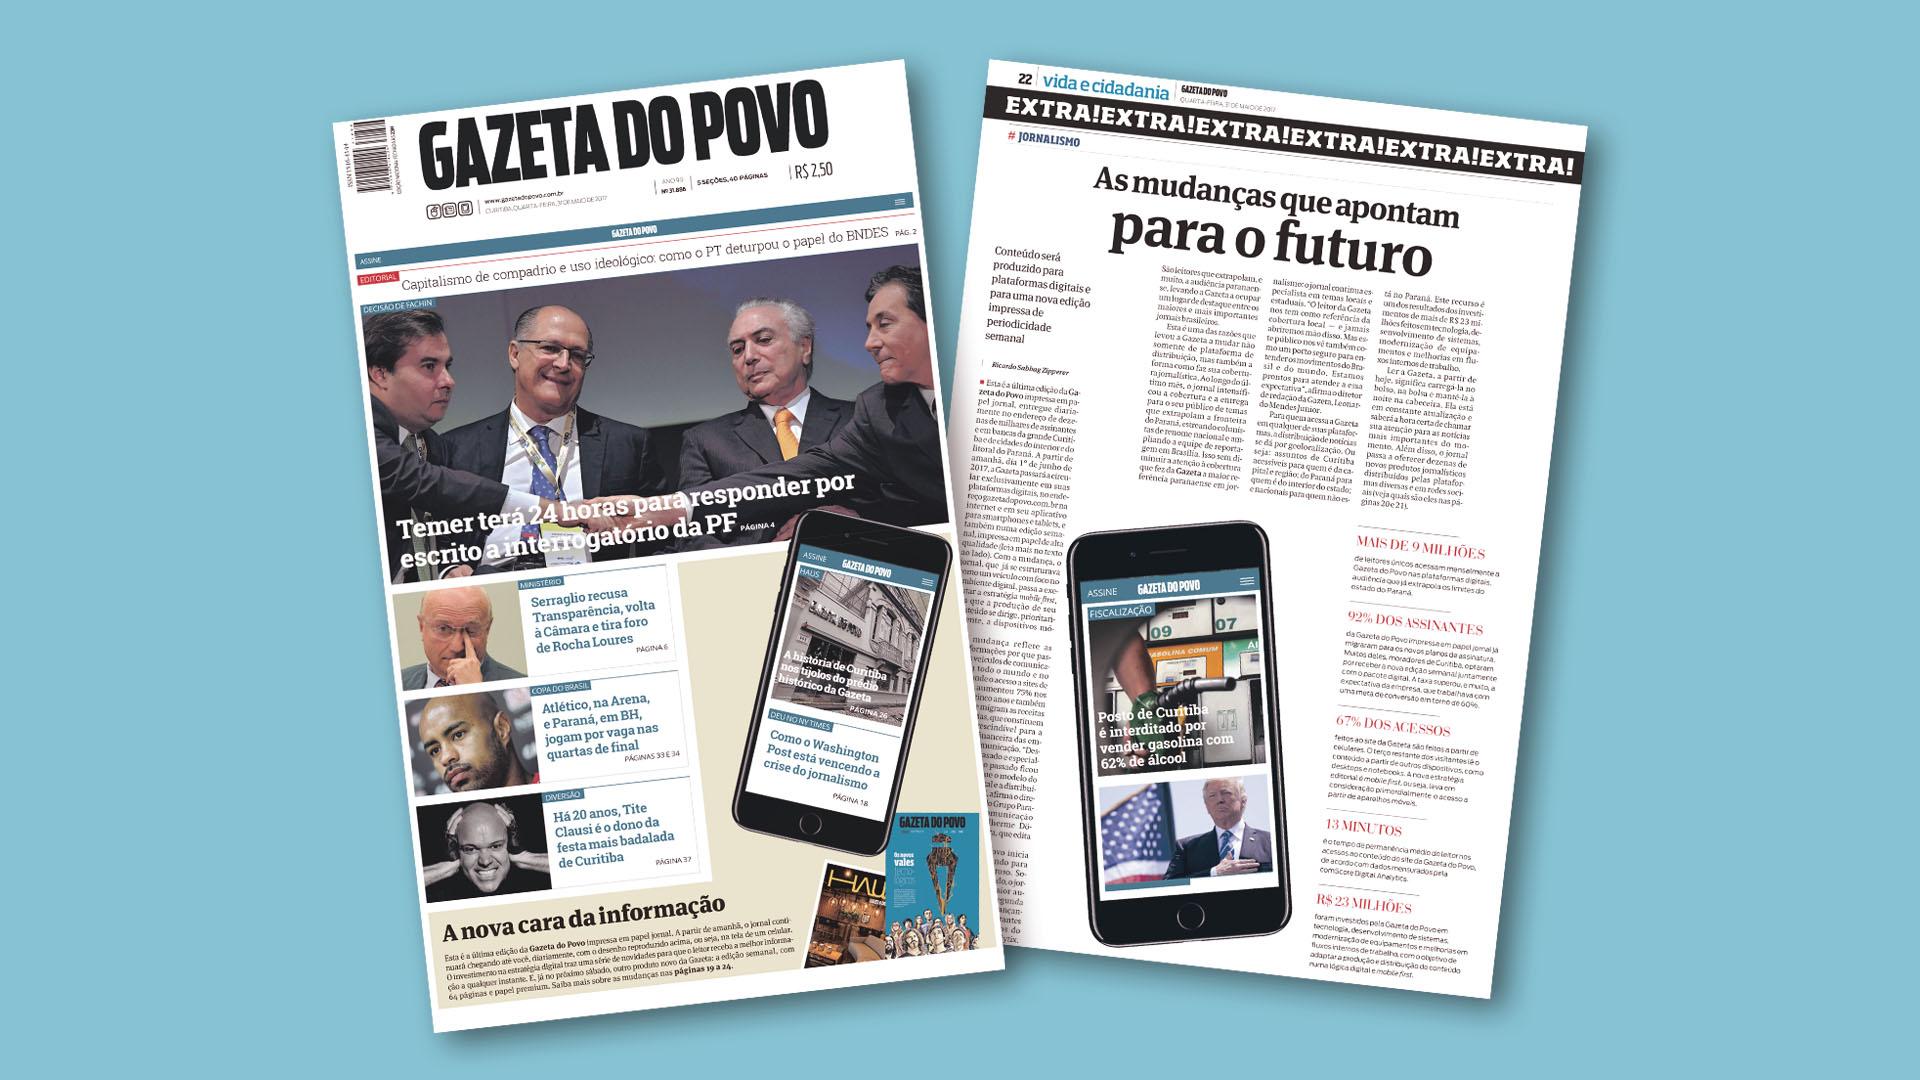 Aprenda como a Gazeta do Povo pivotou e deixou de ser um jornal impresso